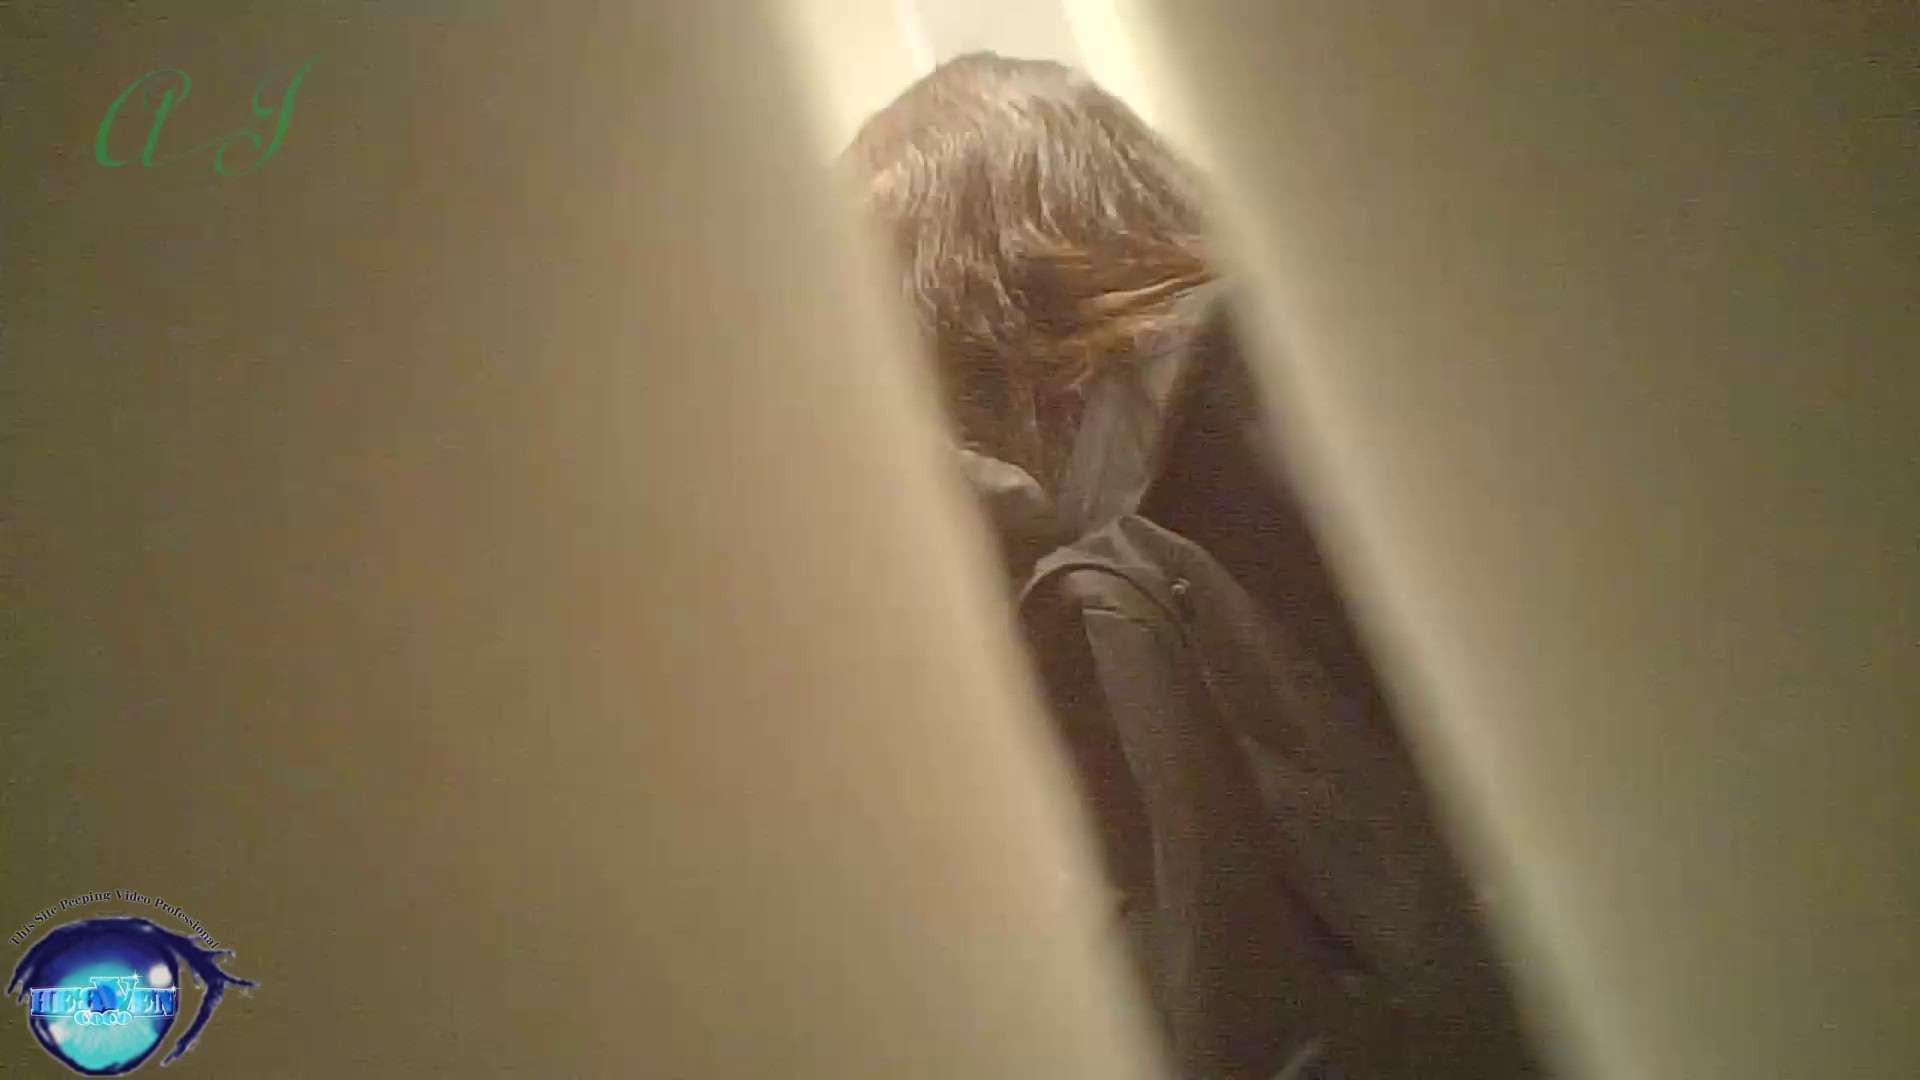 有名大学女性洗面所 vol.69可憐な女子の裏にあるオシリ・・・後編 0 | 0  76pic 1